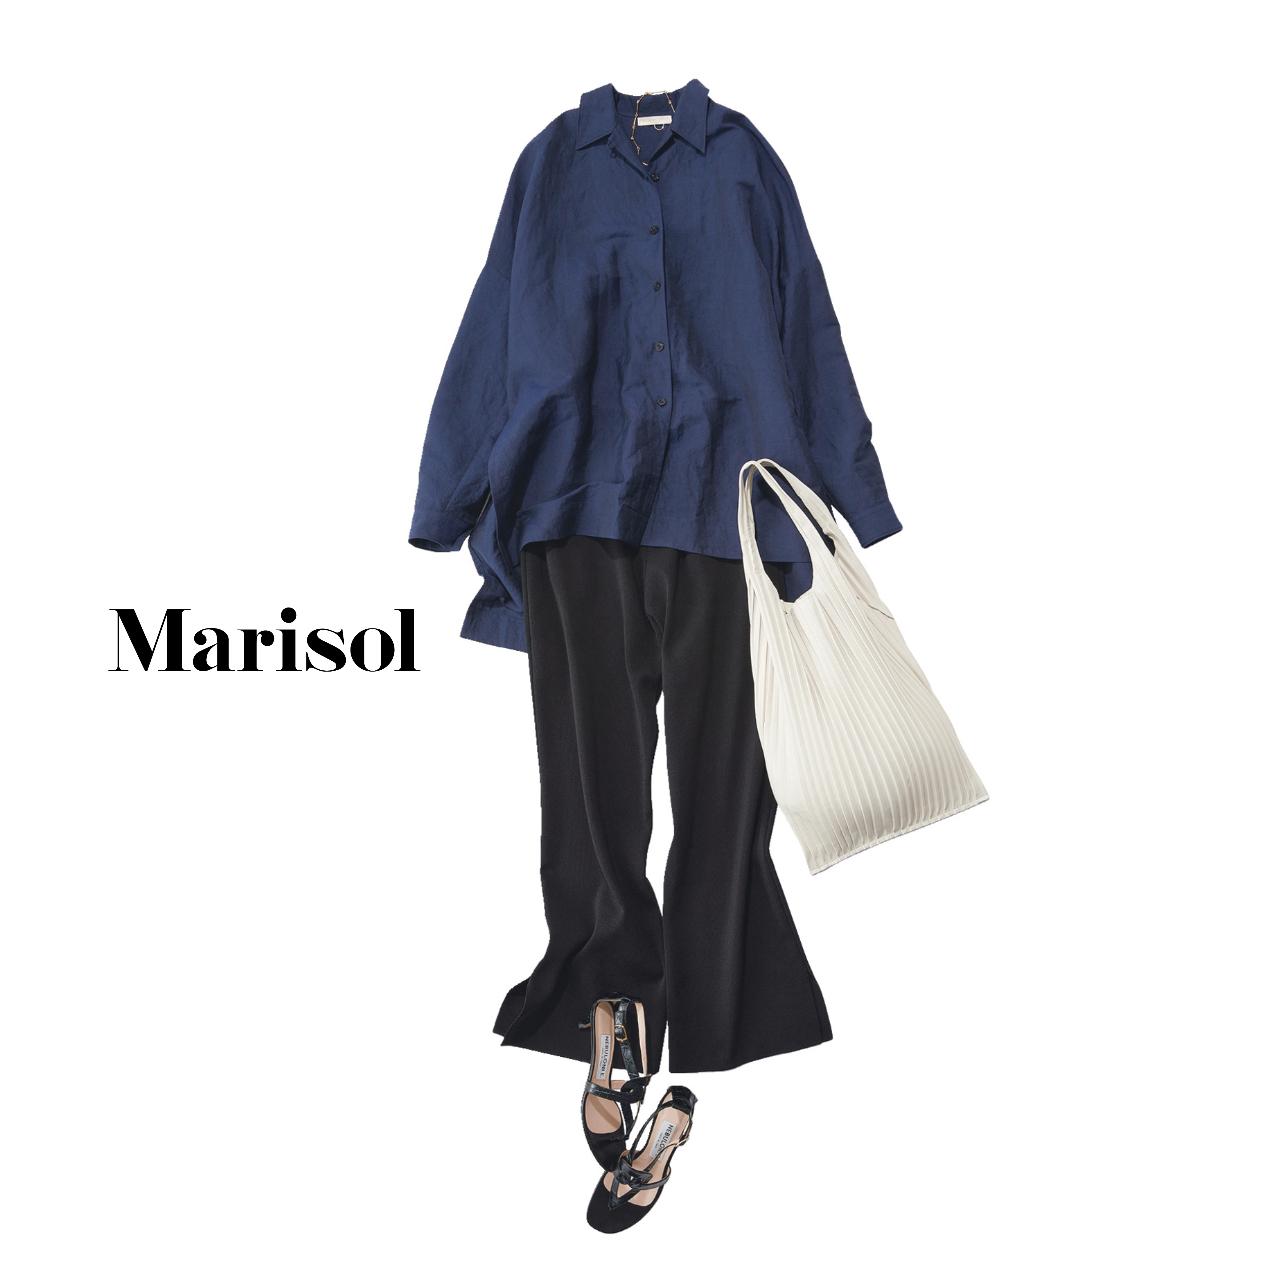 40代ファッション  ネイビーシャツ×黒ワイドパンツコーデ